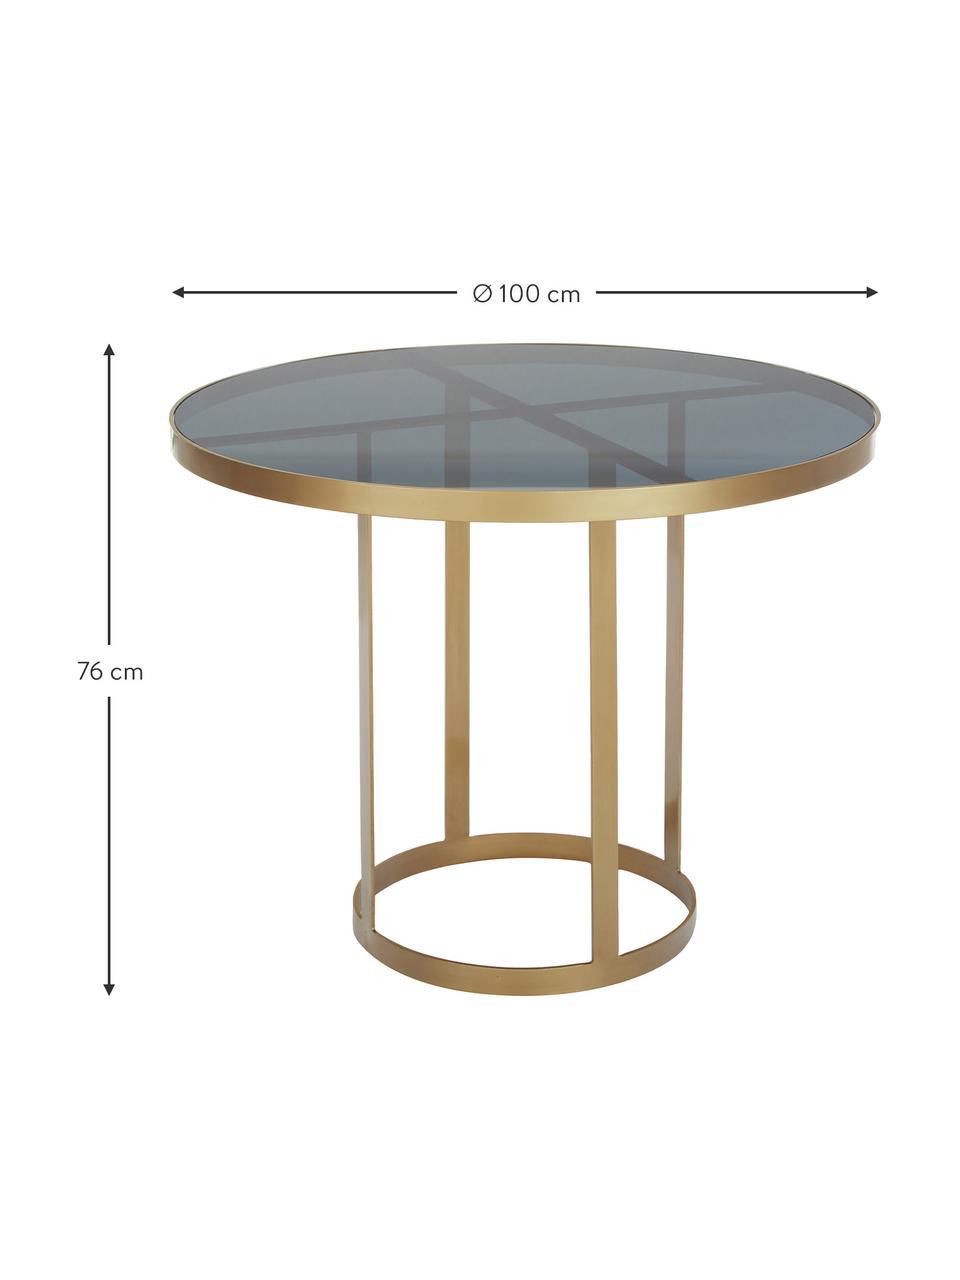 Runder Glas-Esstisch Marika, Gestell: Metall, lackiert, Tischplatte: Glas, getönt, Goldfarben,Transparent, Ø 100 x H 76 cm